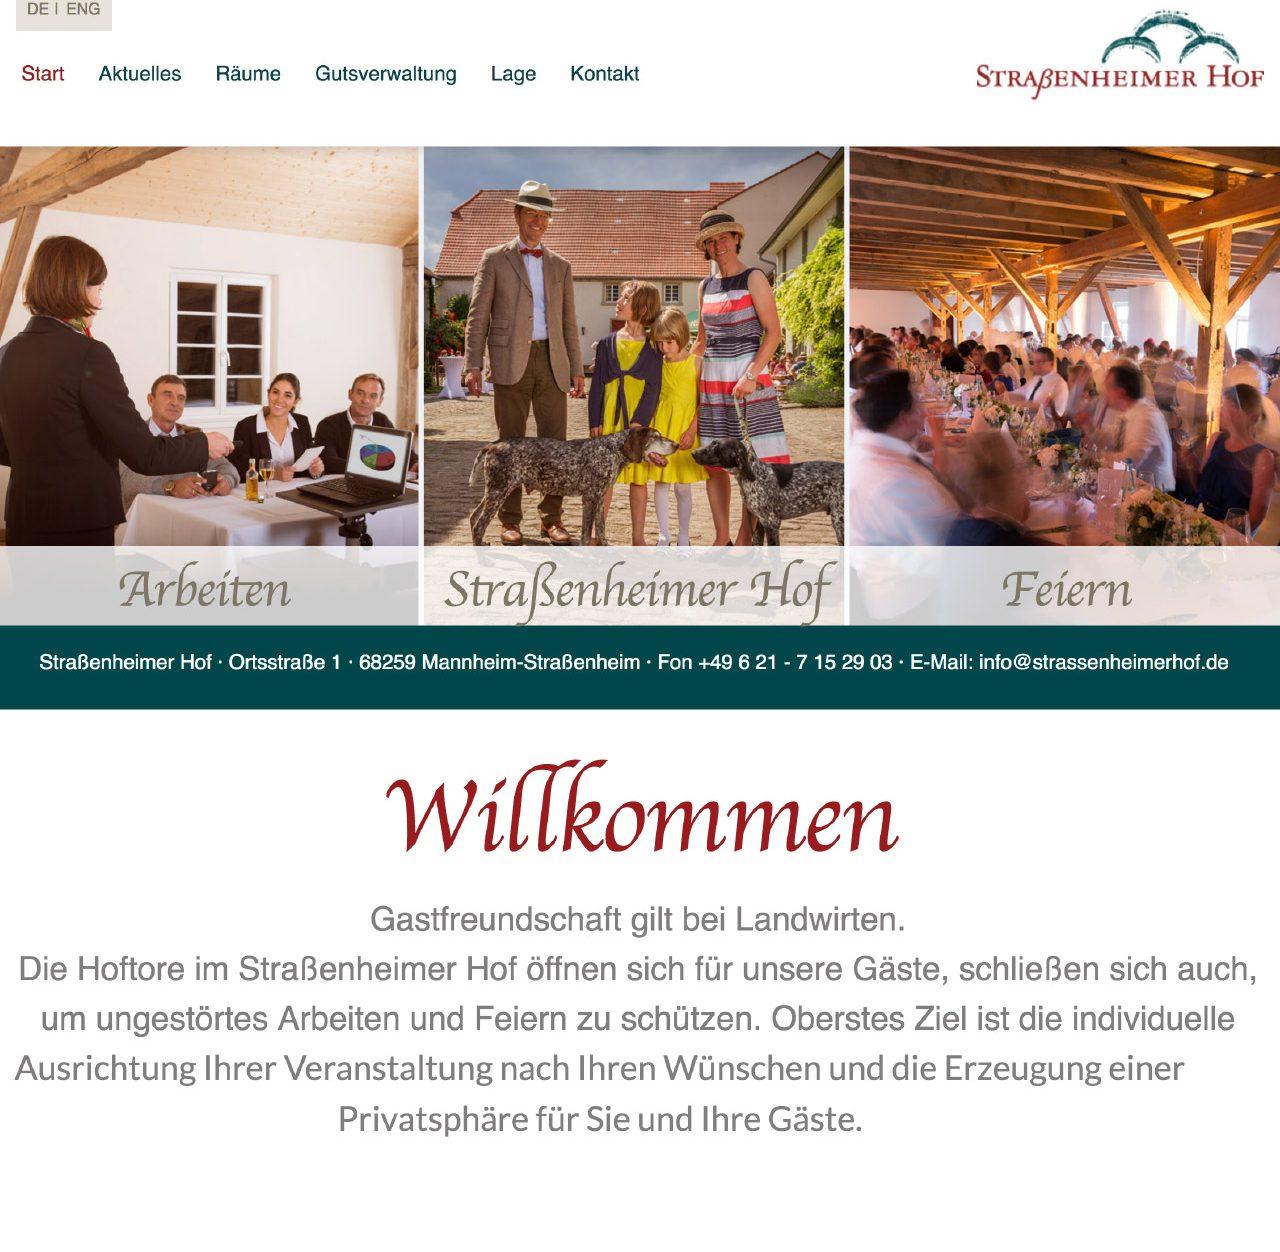 strassenheimer-hof_1280x1280